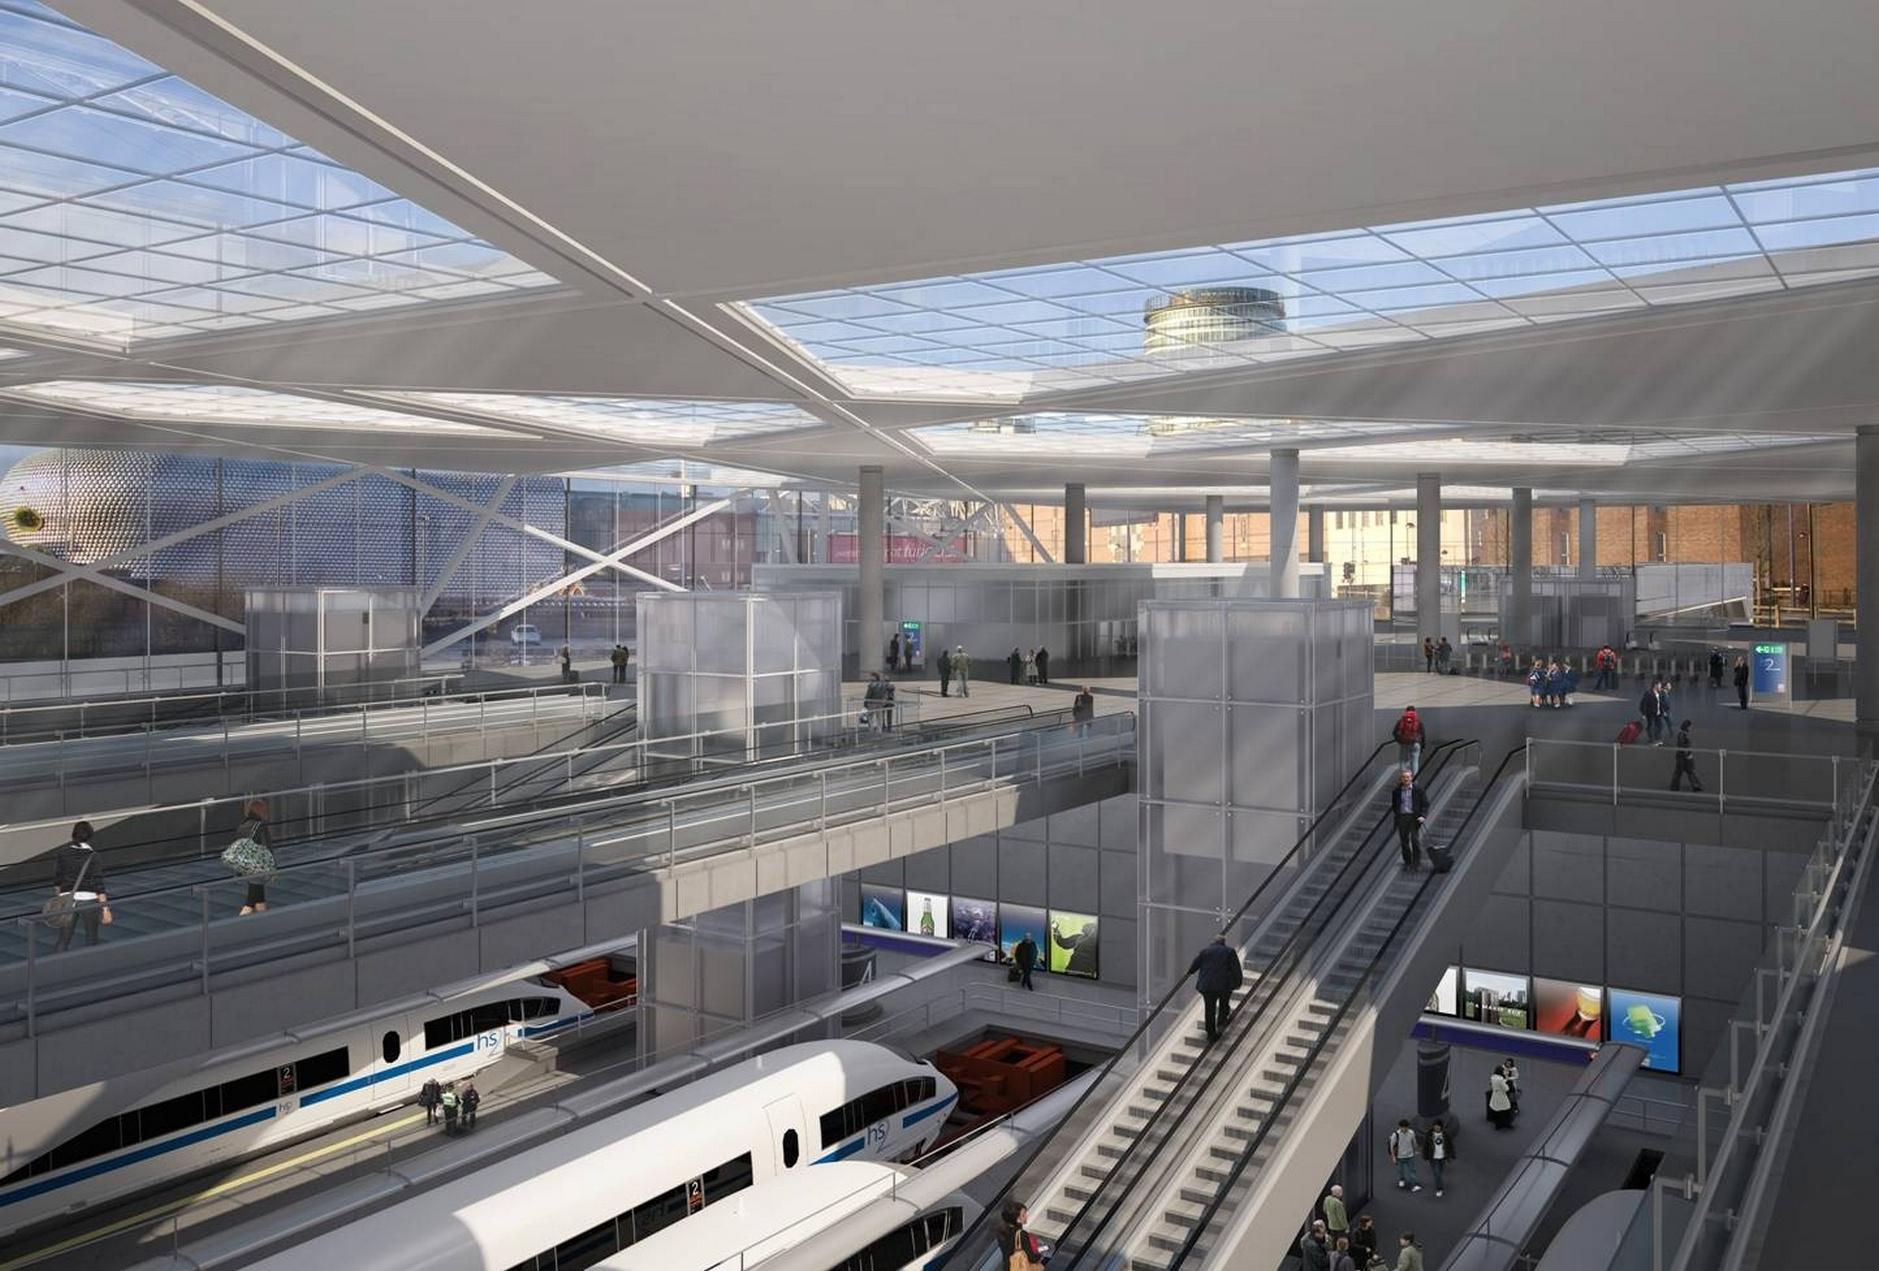 هاي سبيد 2 - مشروعات البنية التحتية - القطارات فائقة السرعة - أسرع قطار في العالم - أسعار القطارات في العالم - أحدث القطارات - بوريس جونسون - موقع سيارات مستعملة - جروب سيارات - أحدث السيارات - أخبار السيارات - أسعار السيارات